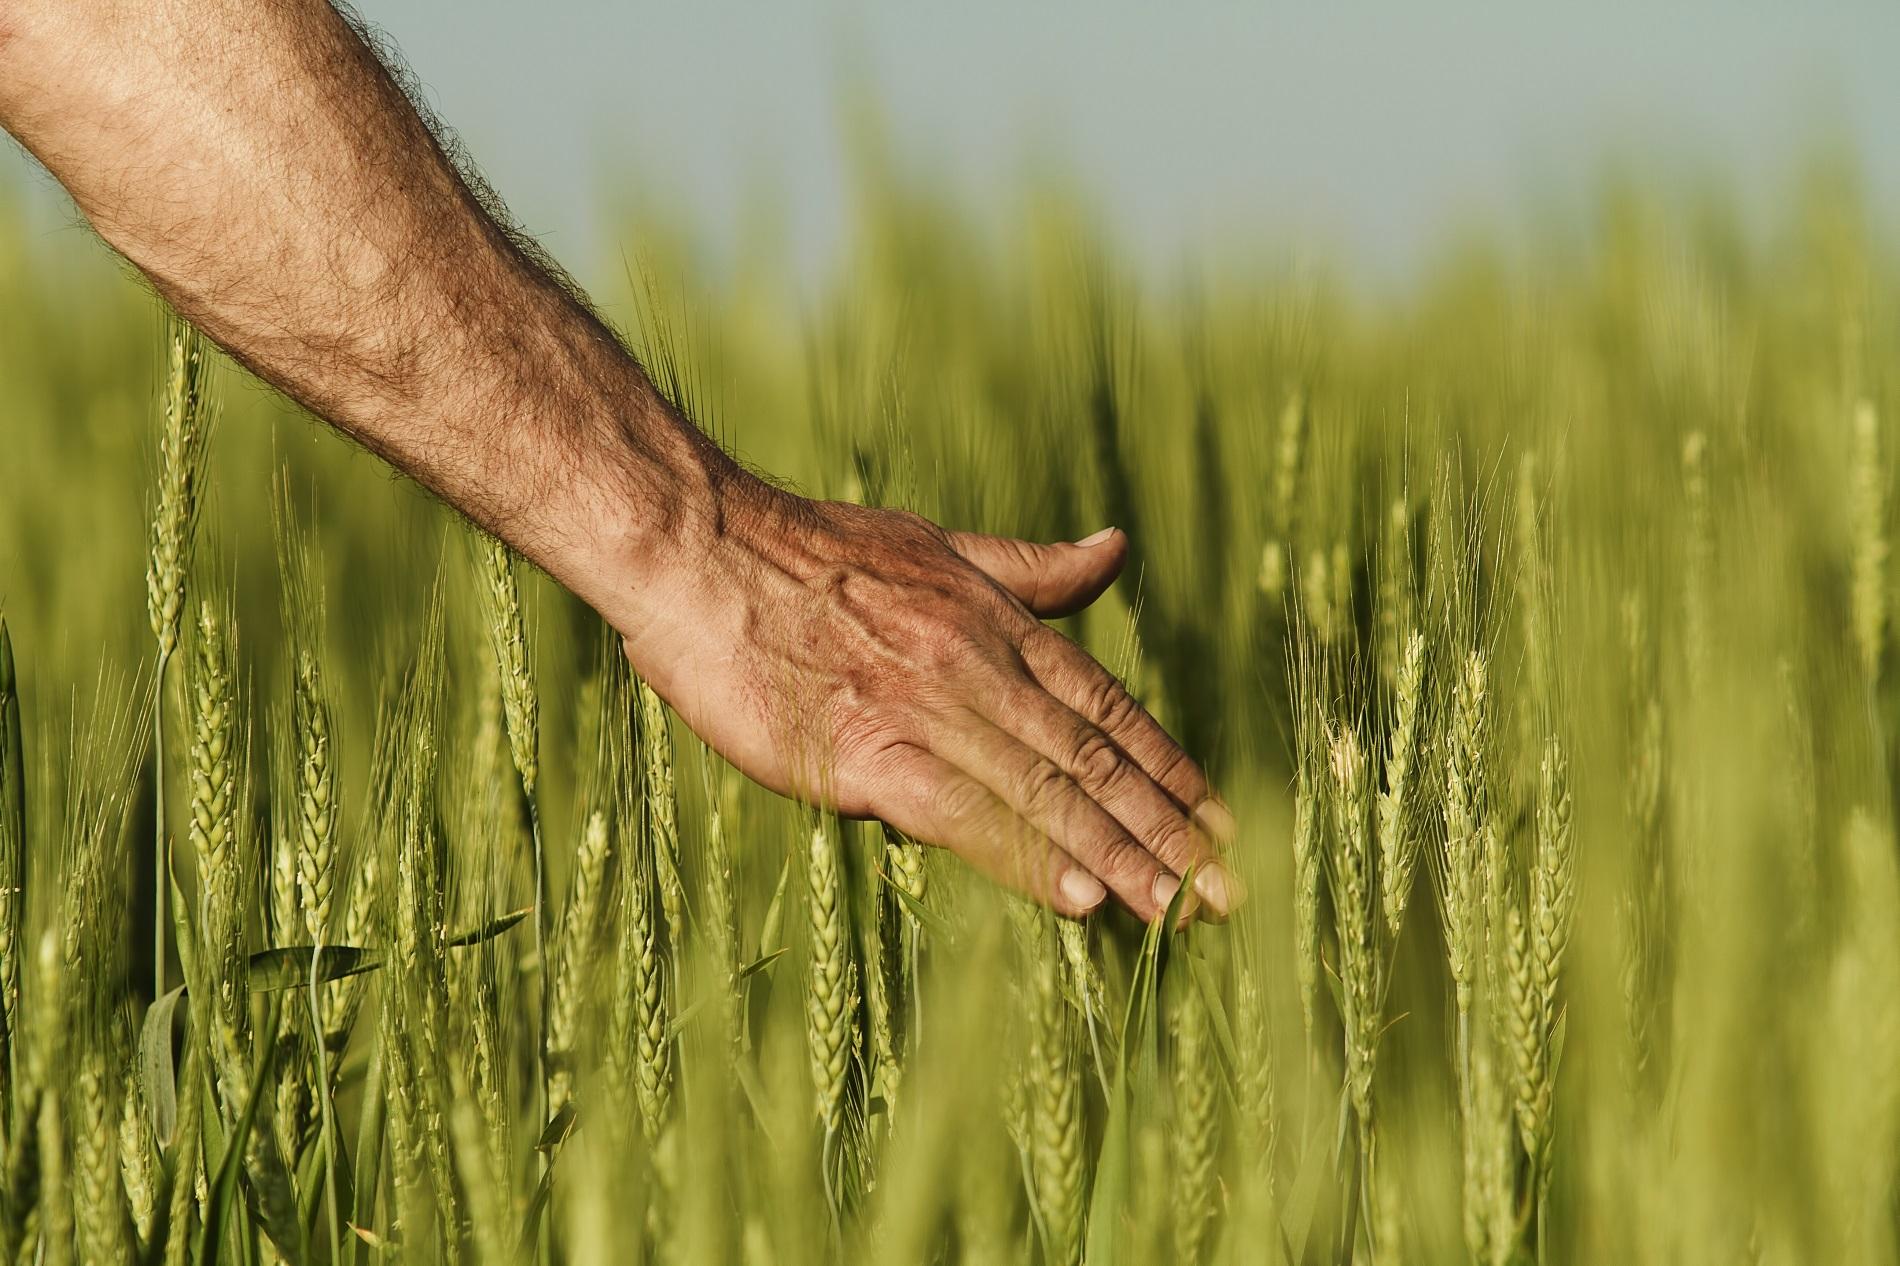 La agricultura como fuente de alimentación sostenible